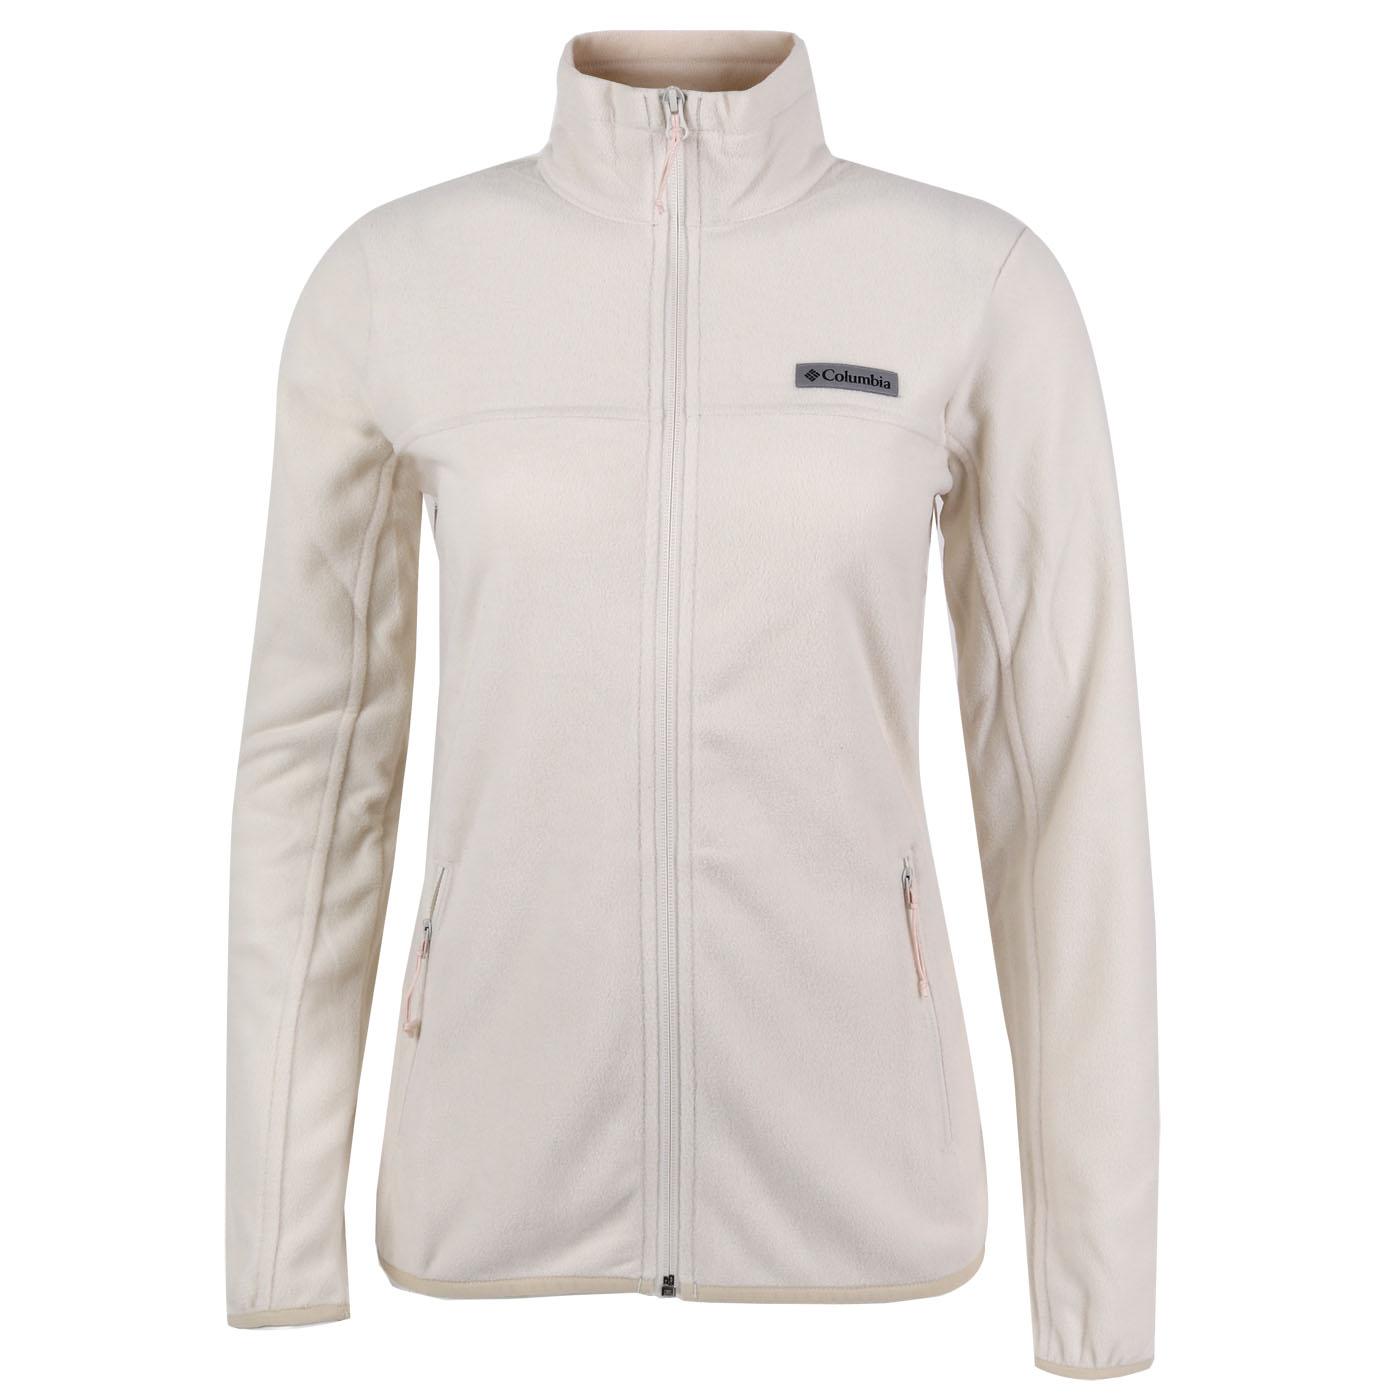 Produktbild von Columbia Ali Peak Full Zip Fleece Jacke Damen - Chalk